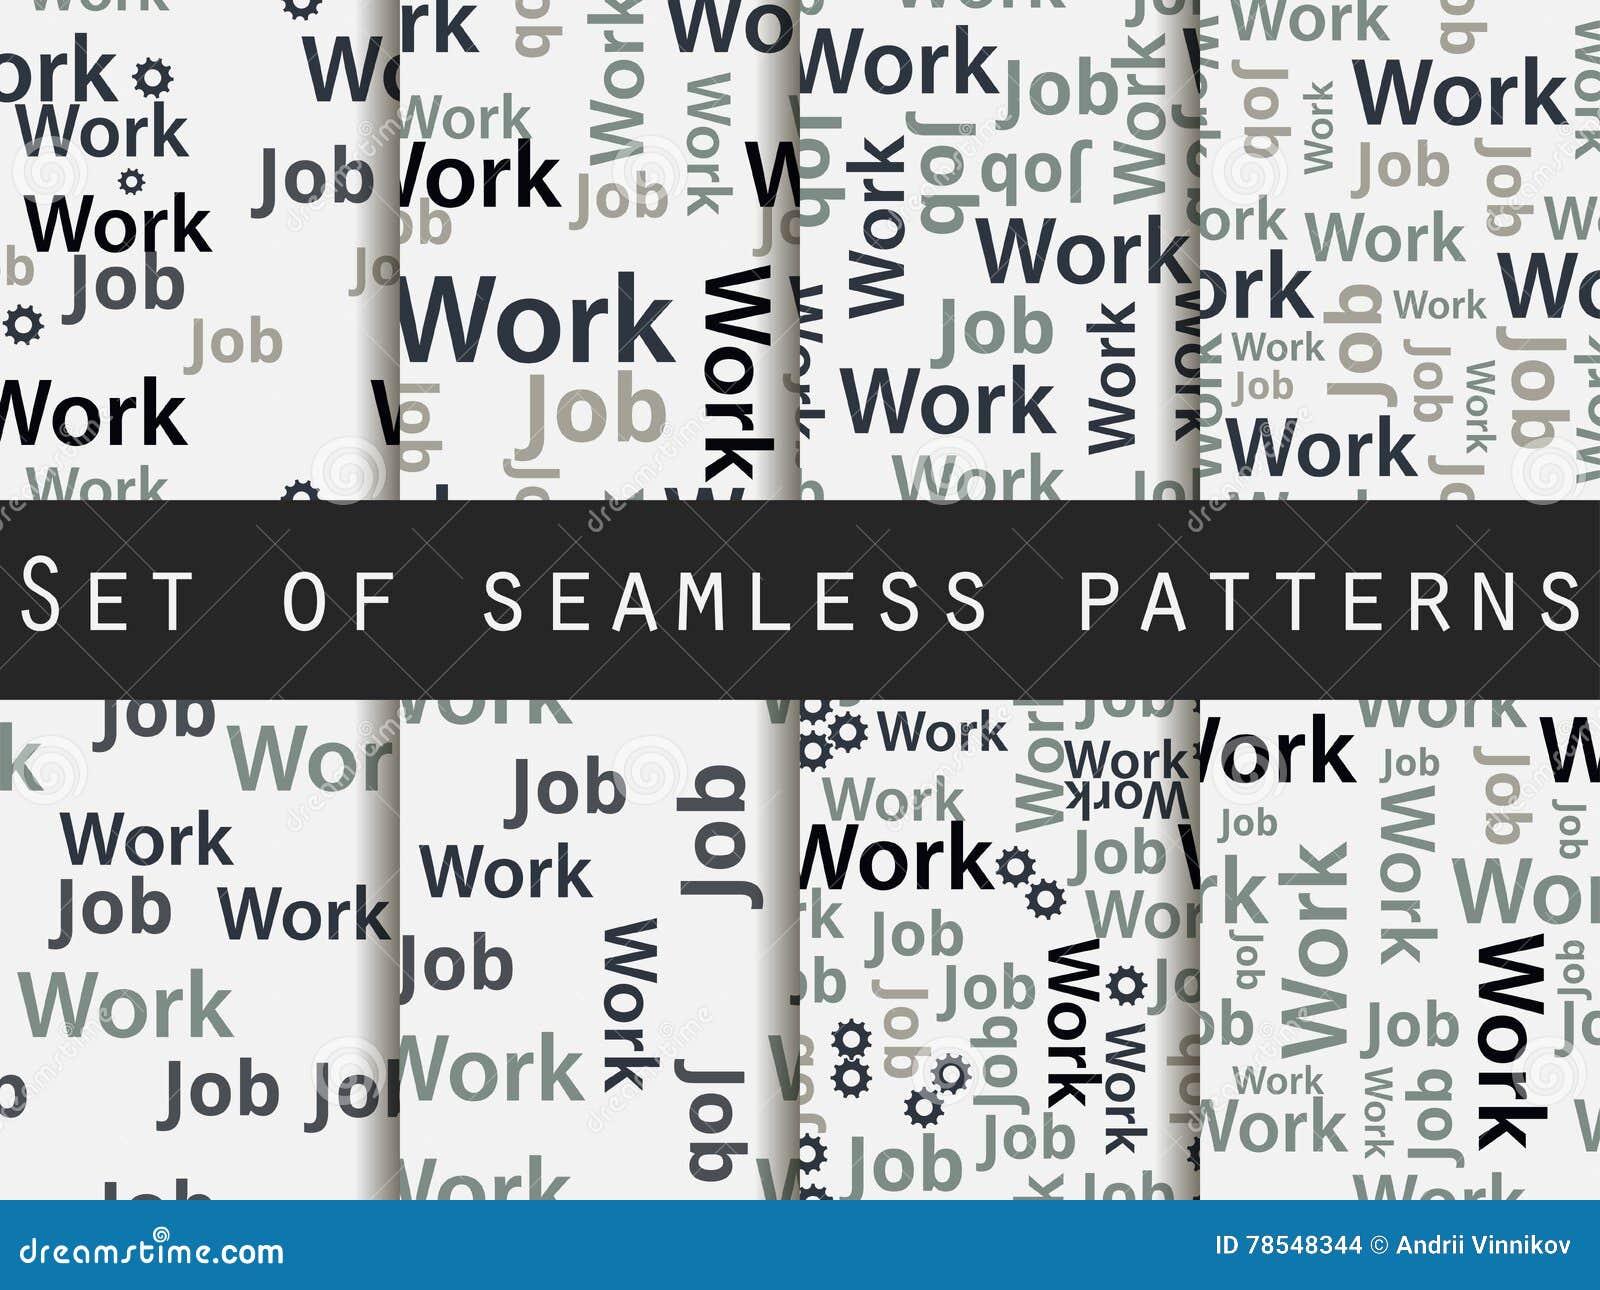 Pattern Words Unique Decorating